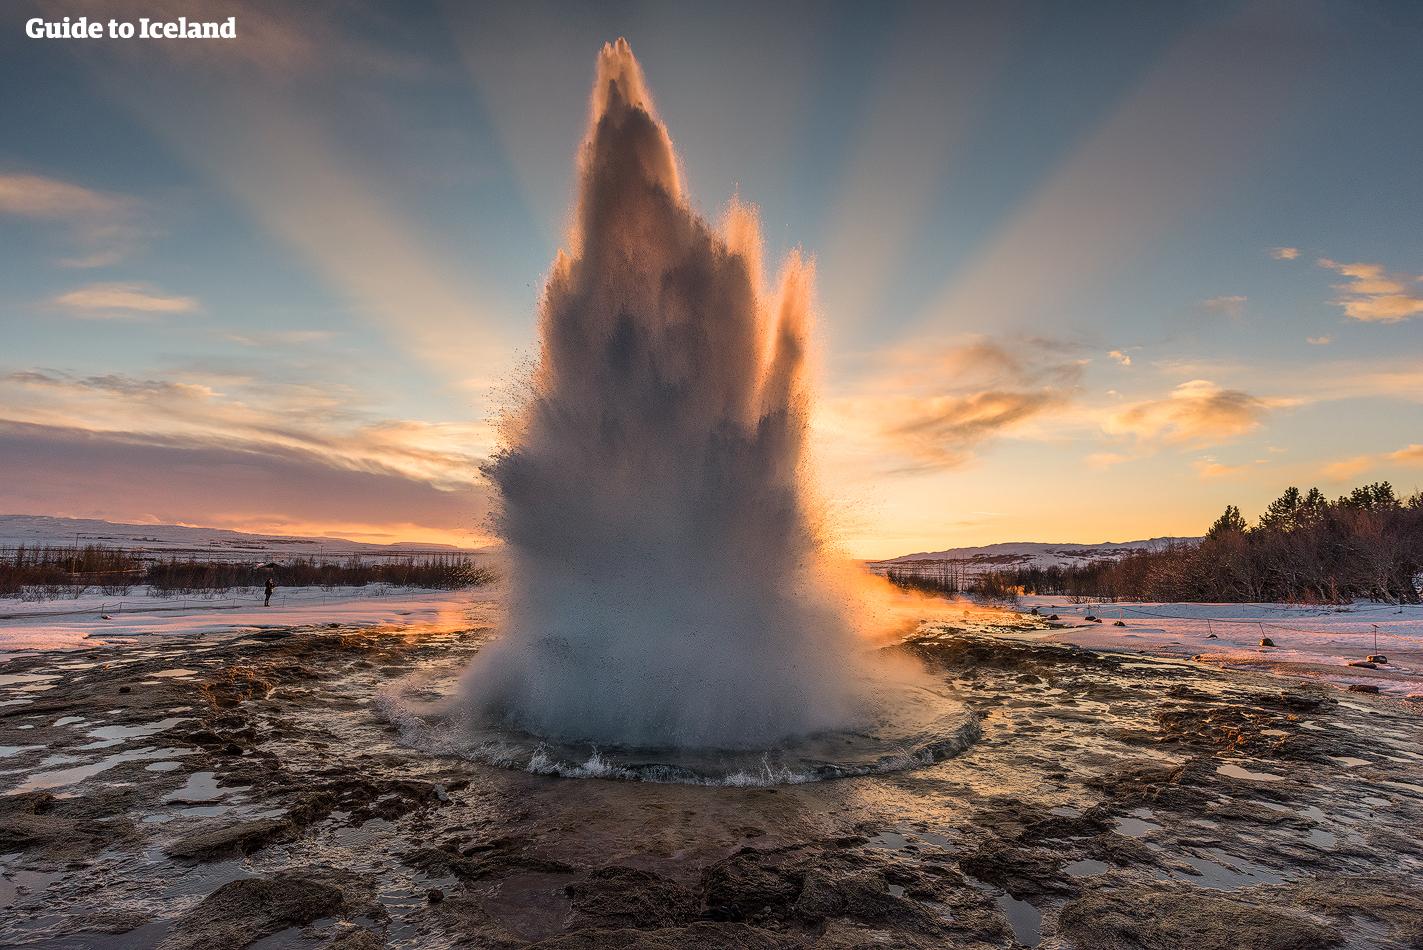 게이시르 지열지대에 자리한 스토쿠르 간헌철이 겨울 태양을 뒤로하고 분출하고 있는 모습입니다.